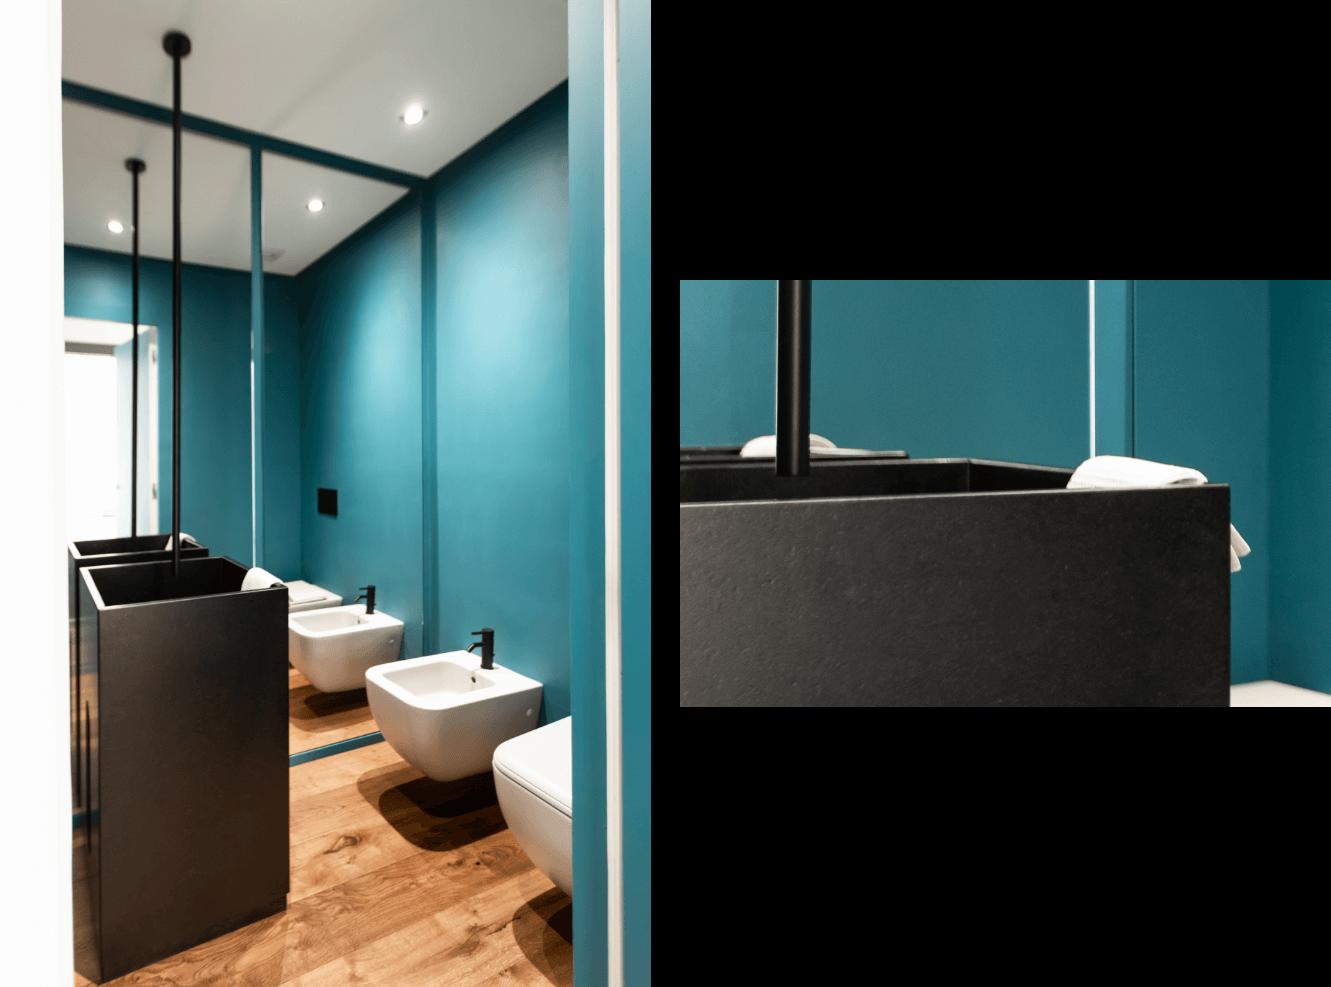 lavabo monolite in granite nero assoluto